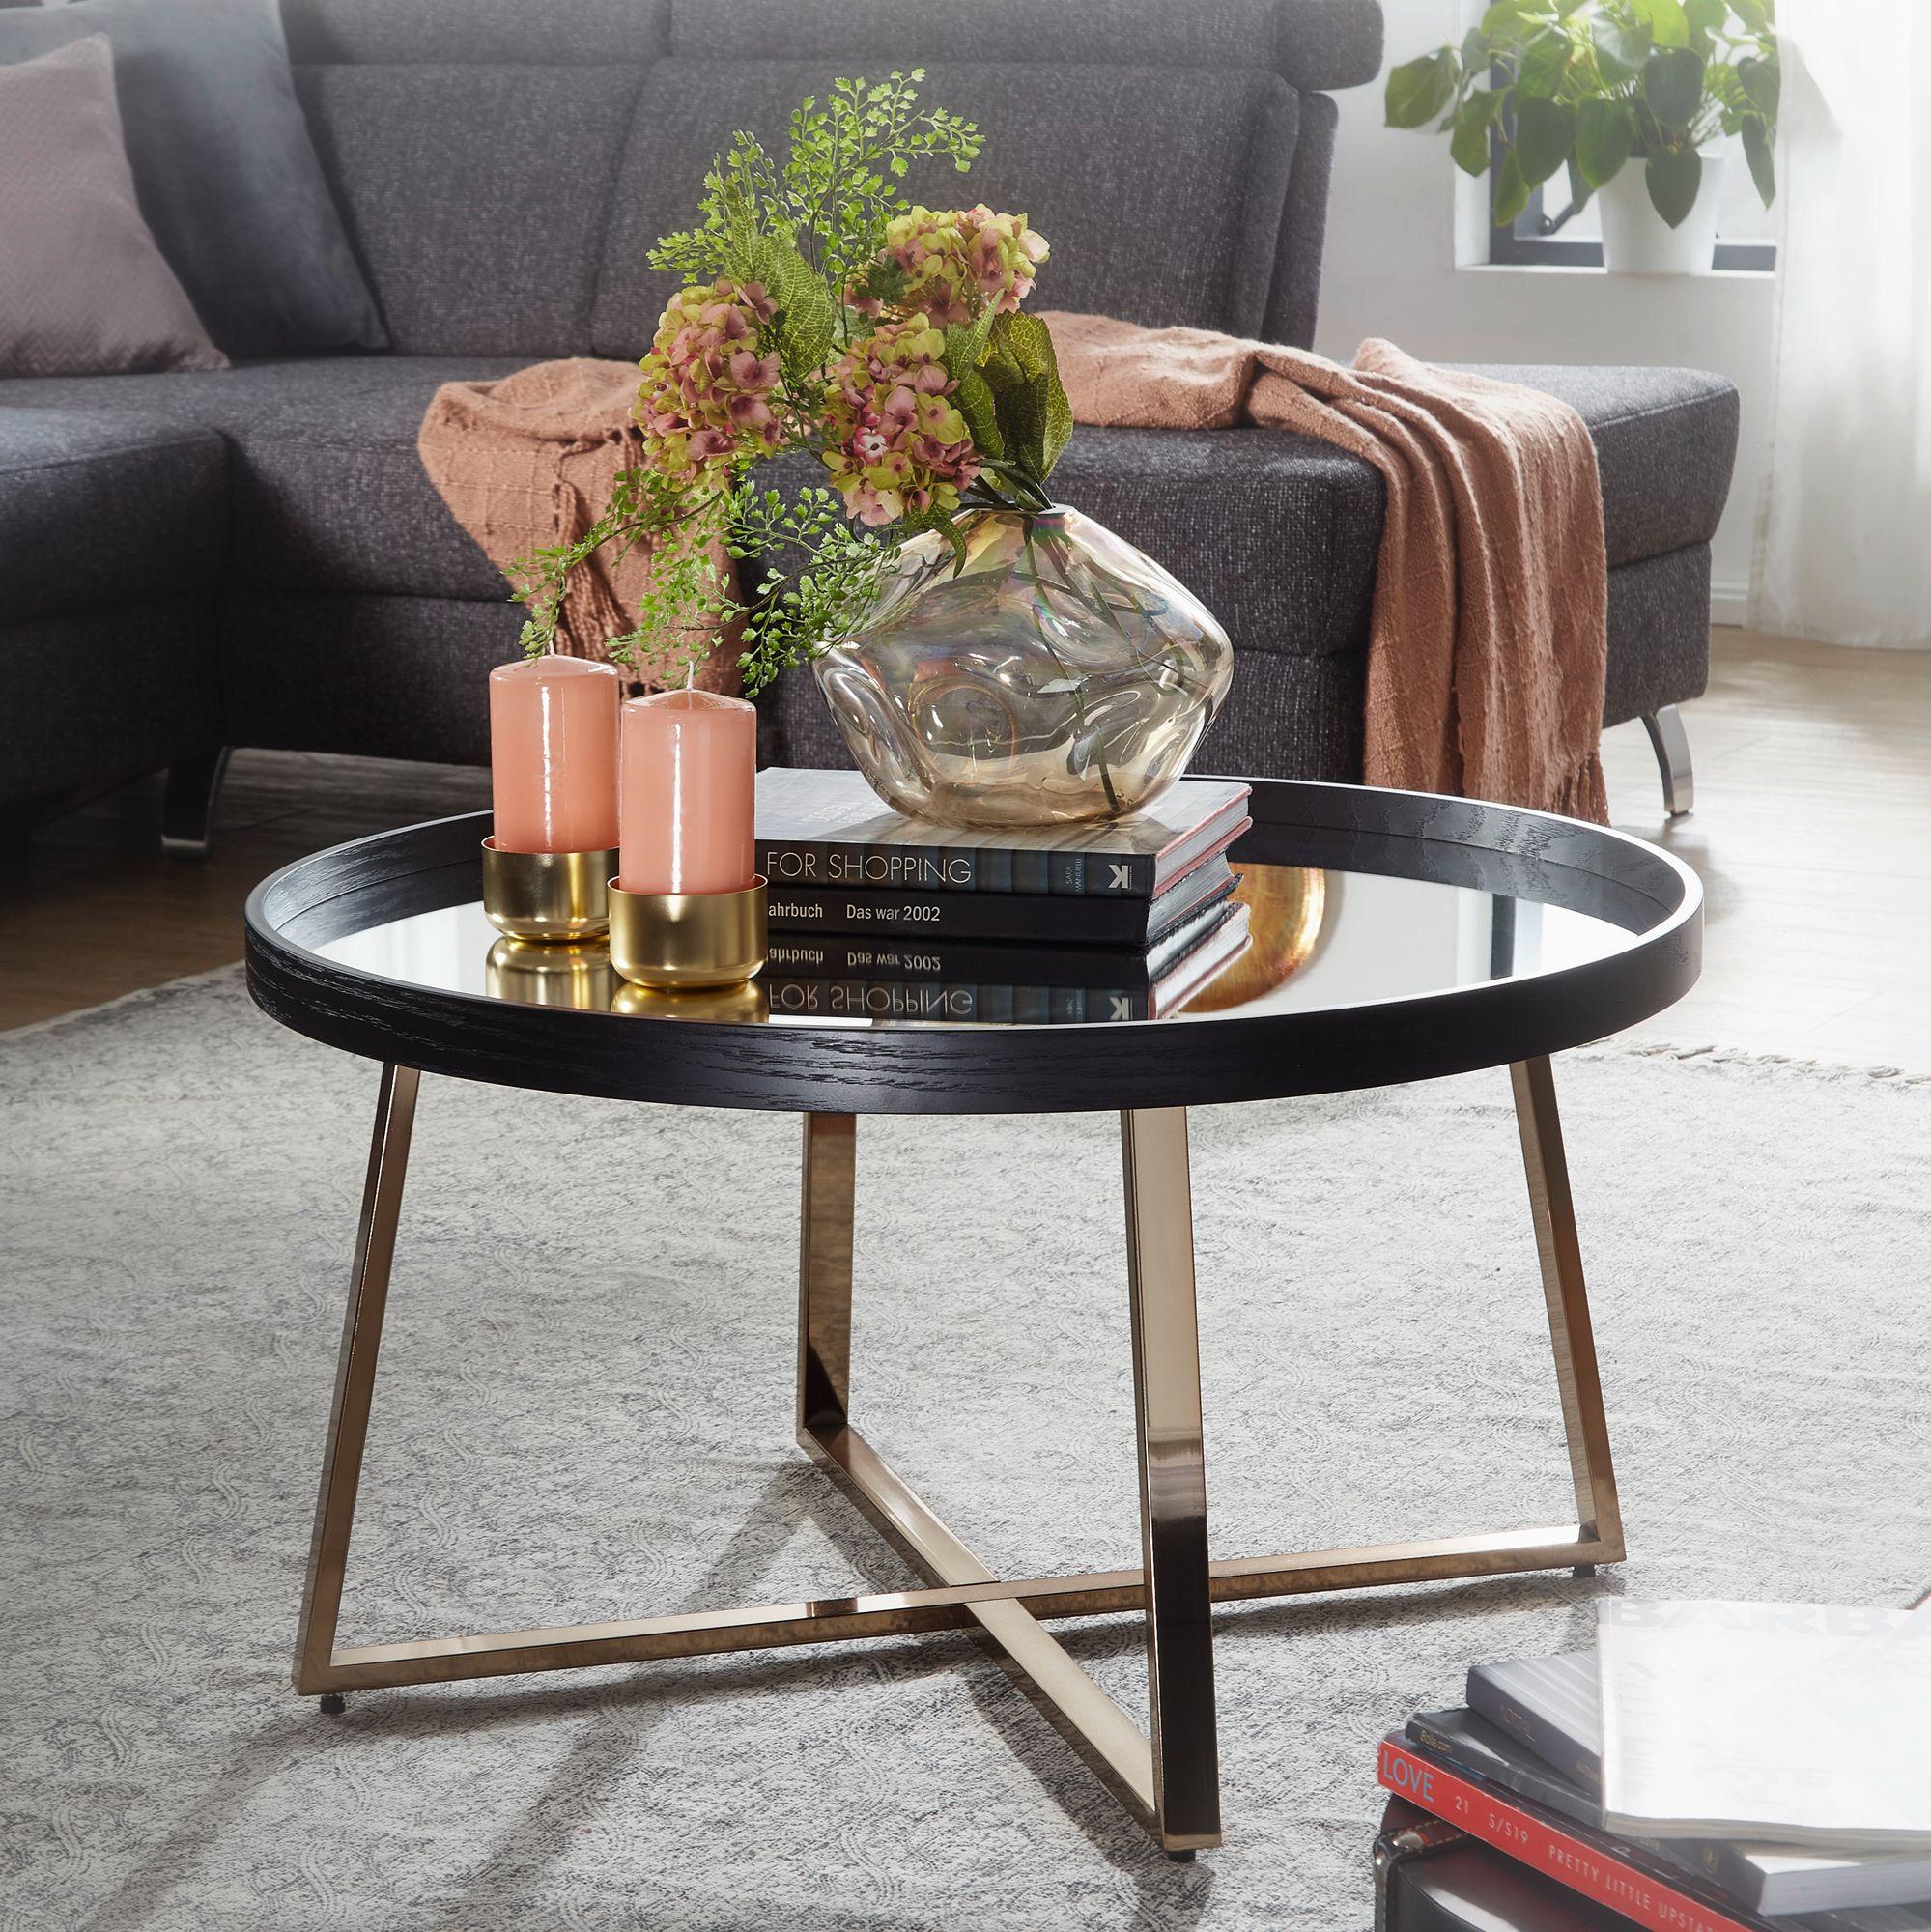 Tisch Rund Metall Glas.Finebuy Couchtisch Rund Gold Wohnzimmertisch Spiegel Glas Beistelltisch Schwarz